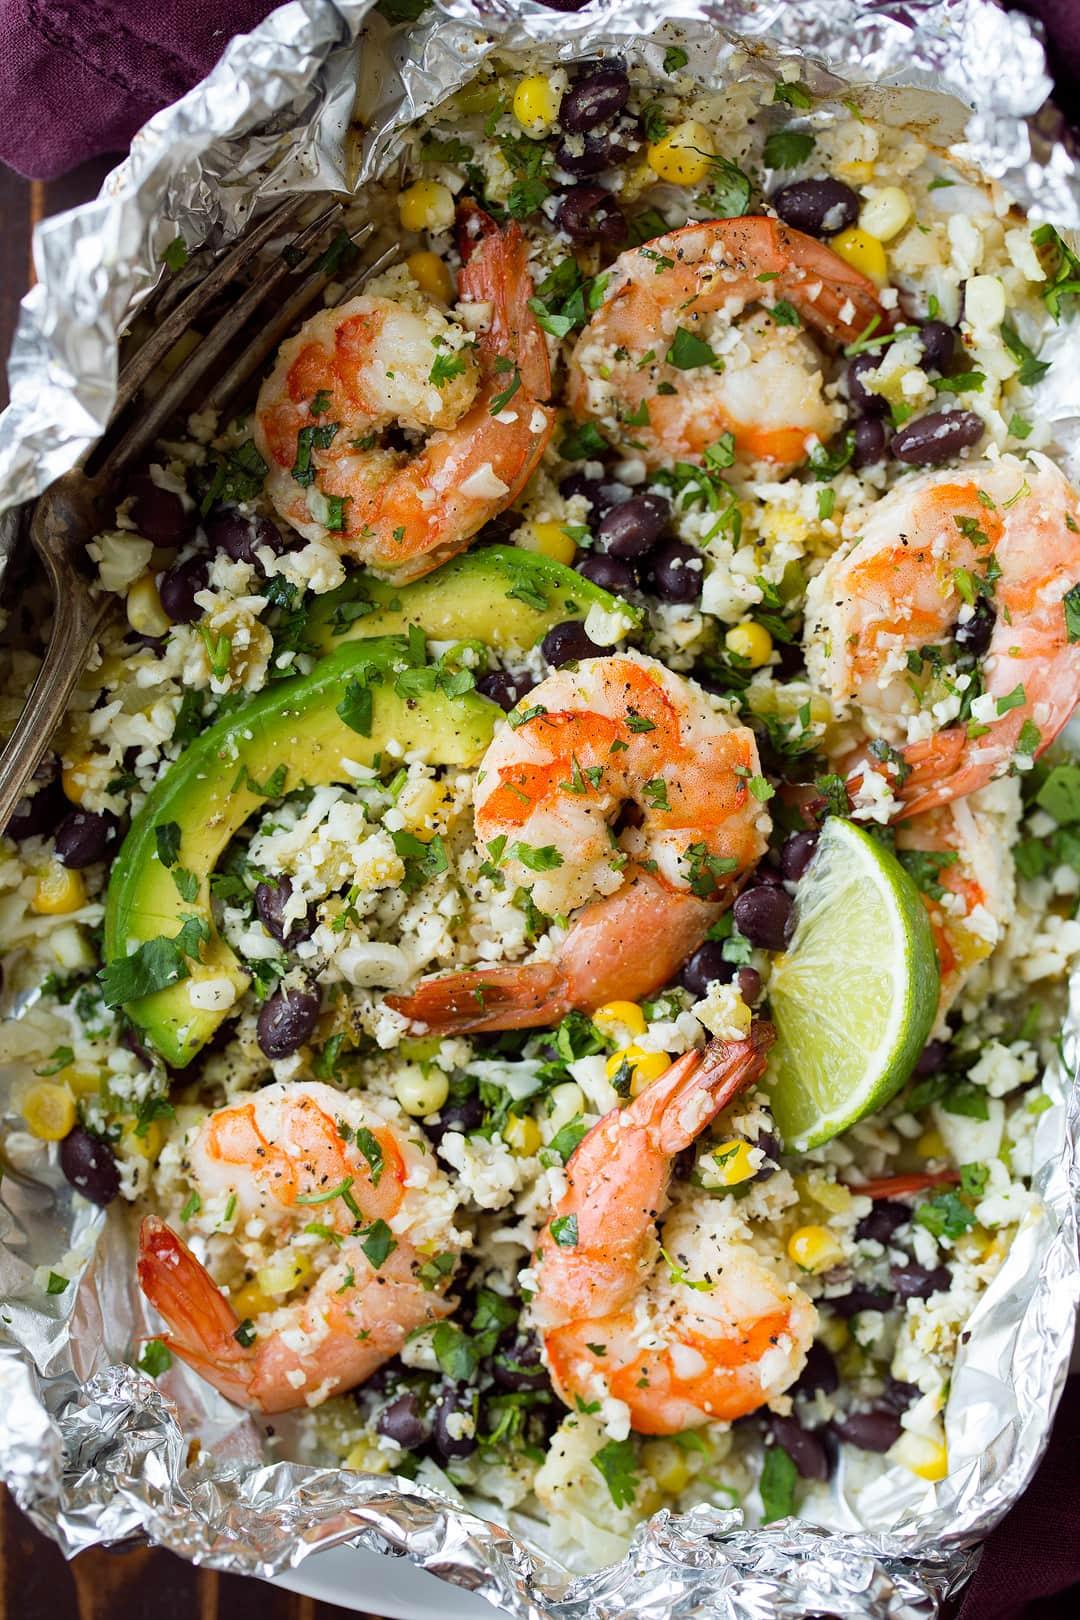 Cilantro Lime Shrimp and Cauliflower